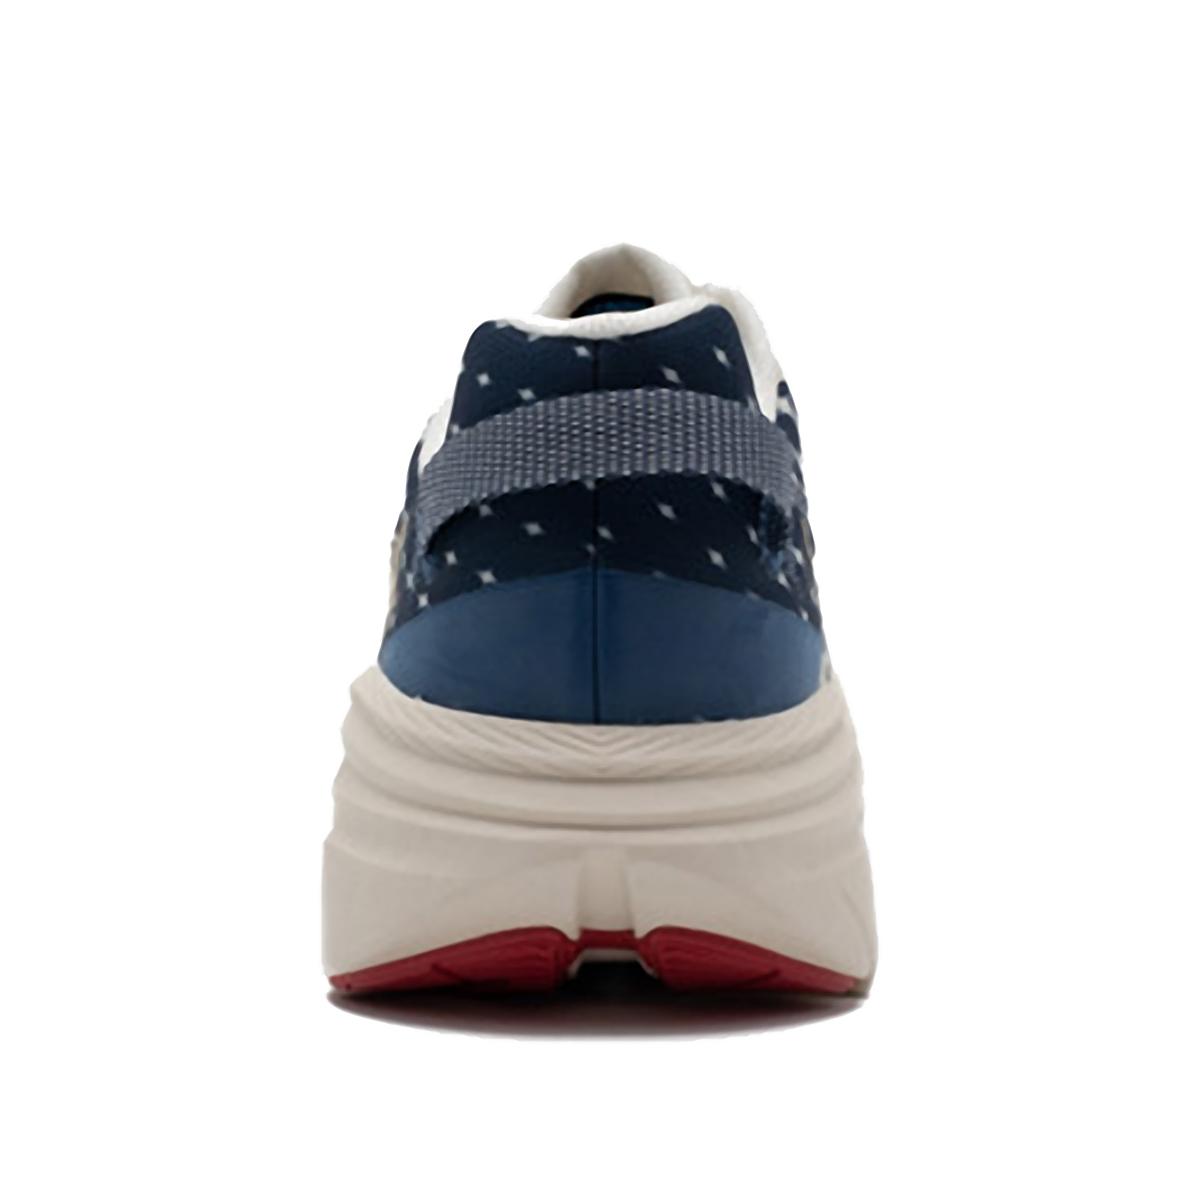 Women's Hoka One One Rincon TK Running Shoe - Color: Vintage Indigo - Size: 5 - Width: Regular, Vintage Indigo, large, image 4